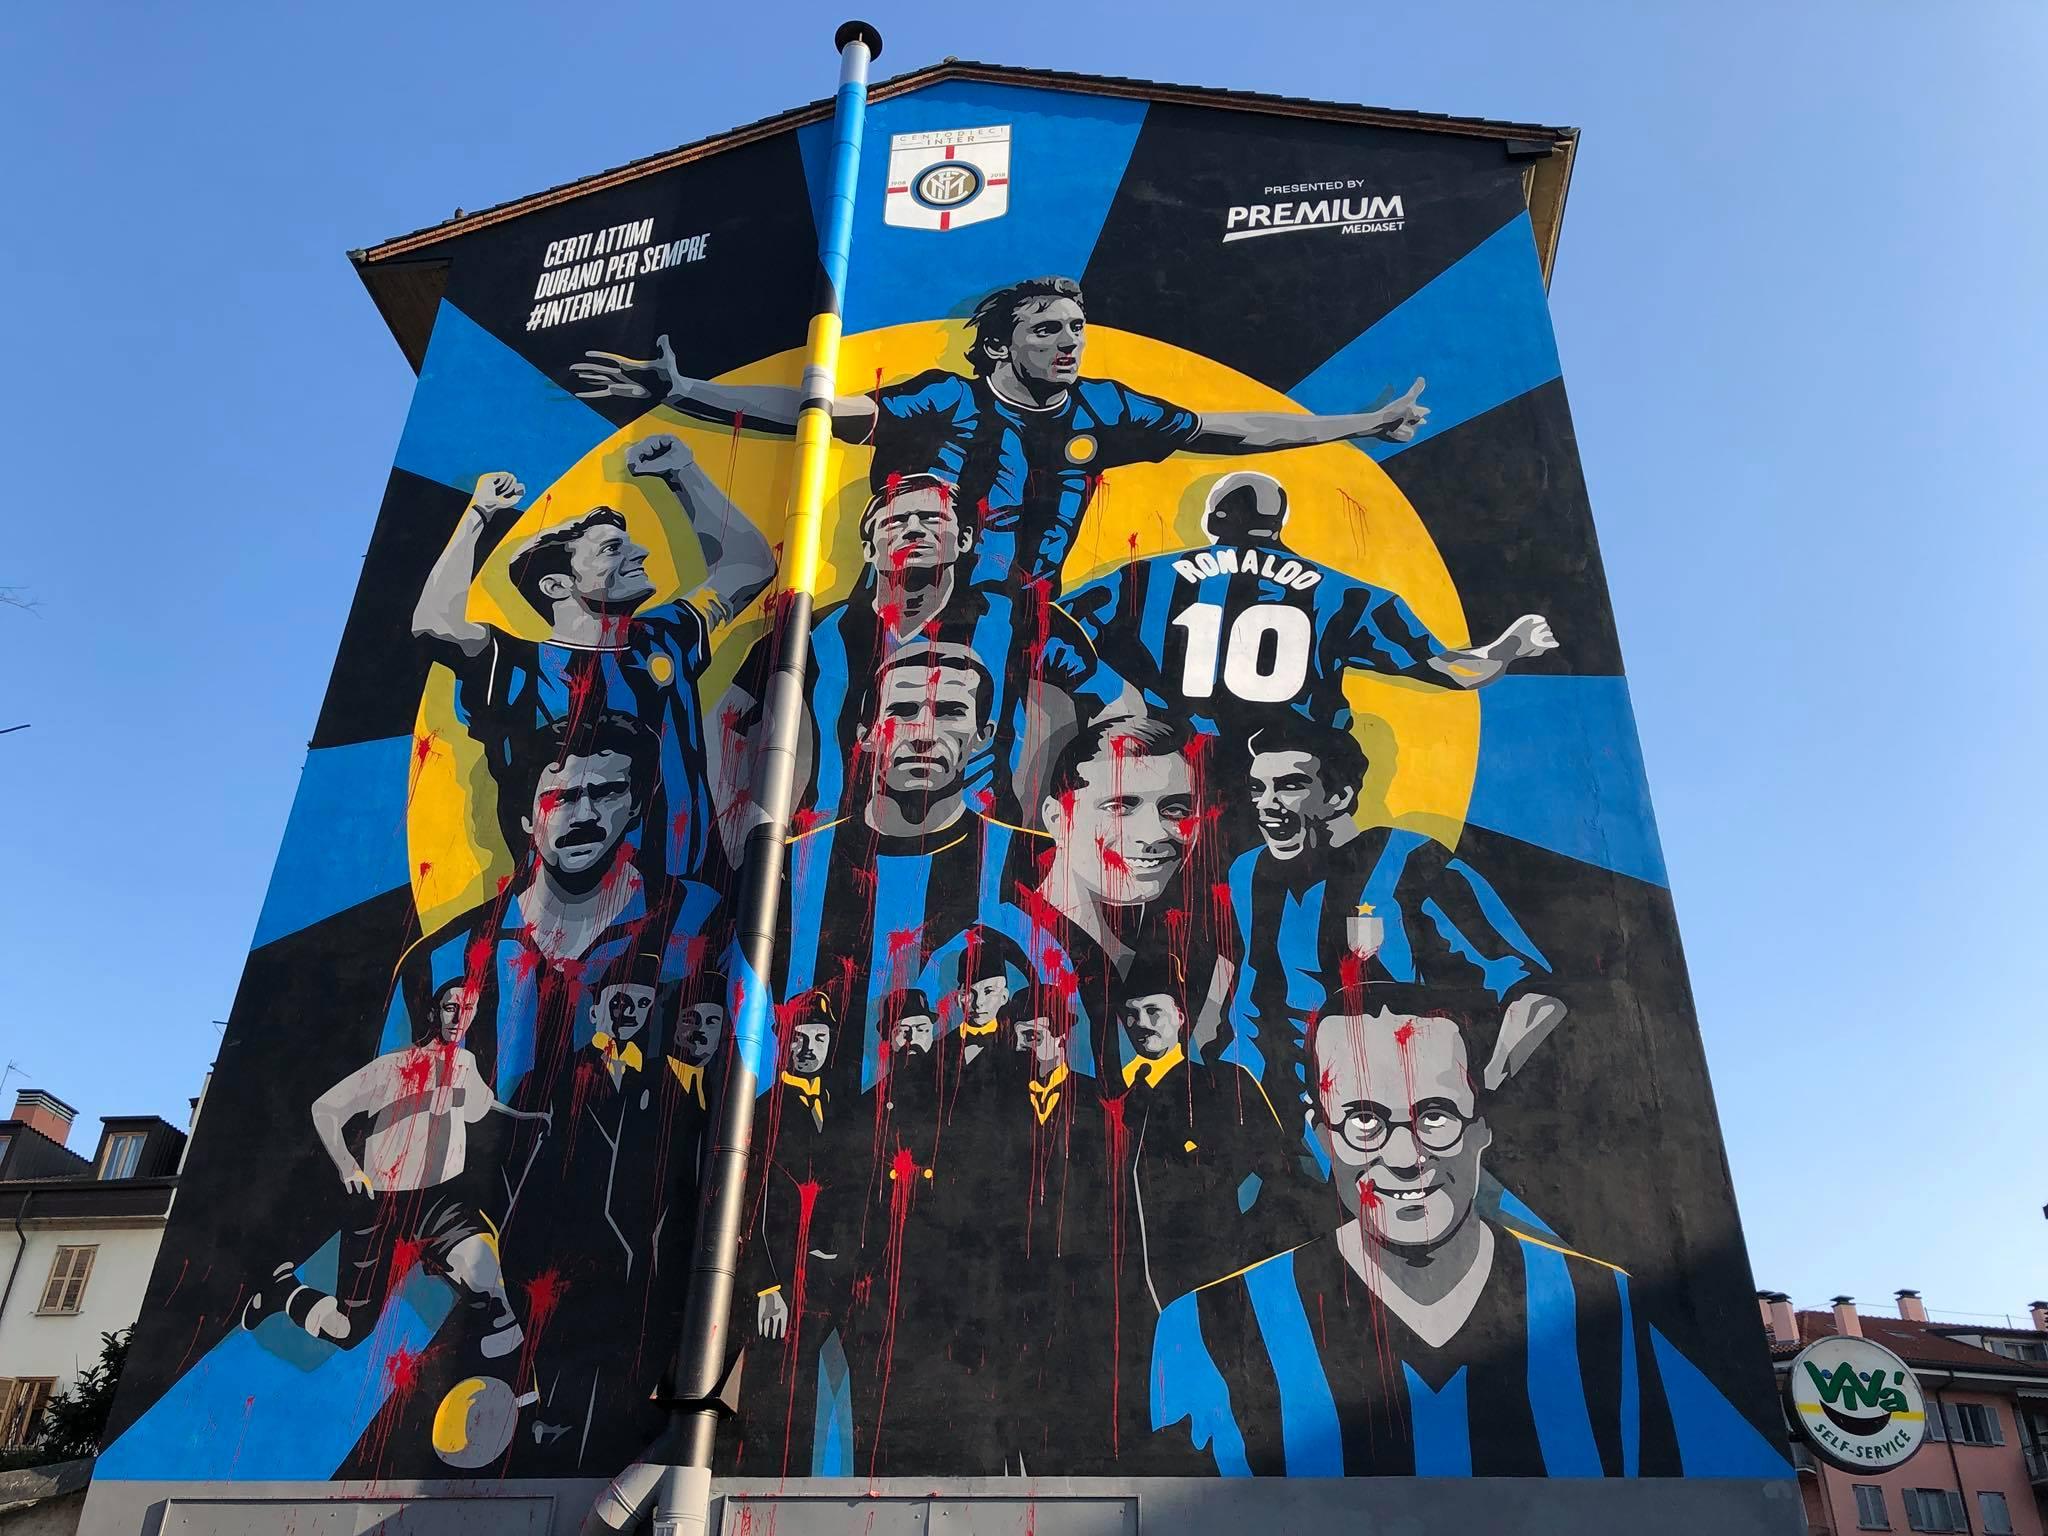 Milano, InterWall sfregiato da atti vandalici